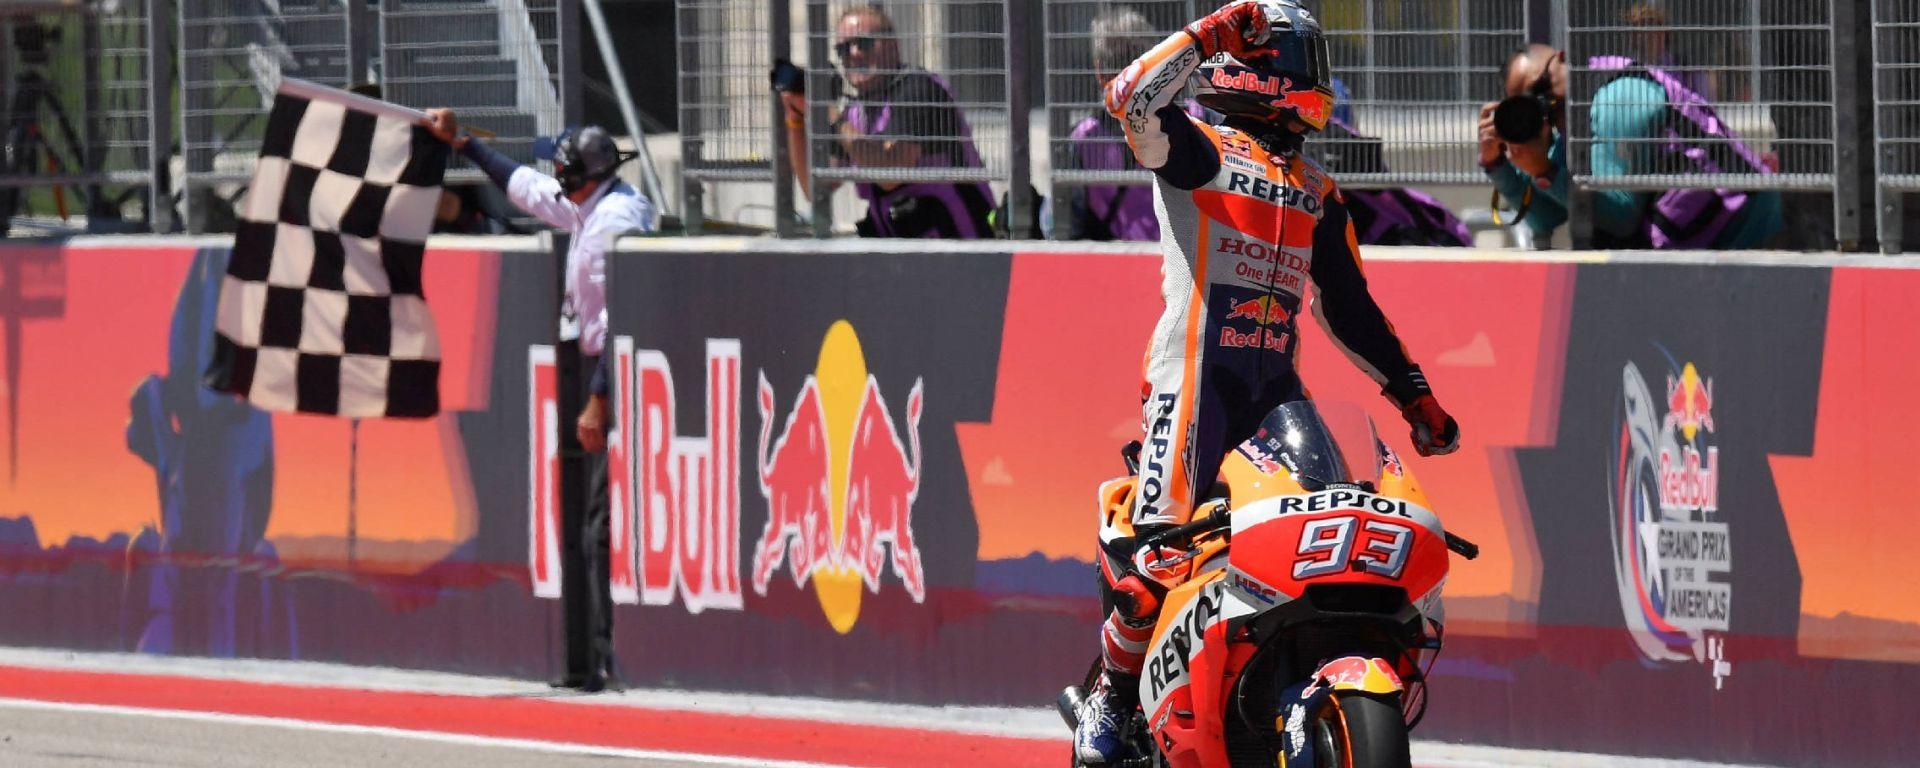 MotoGP Austin 2018: le pagelle del Texas